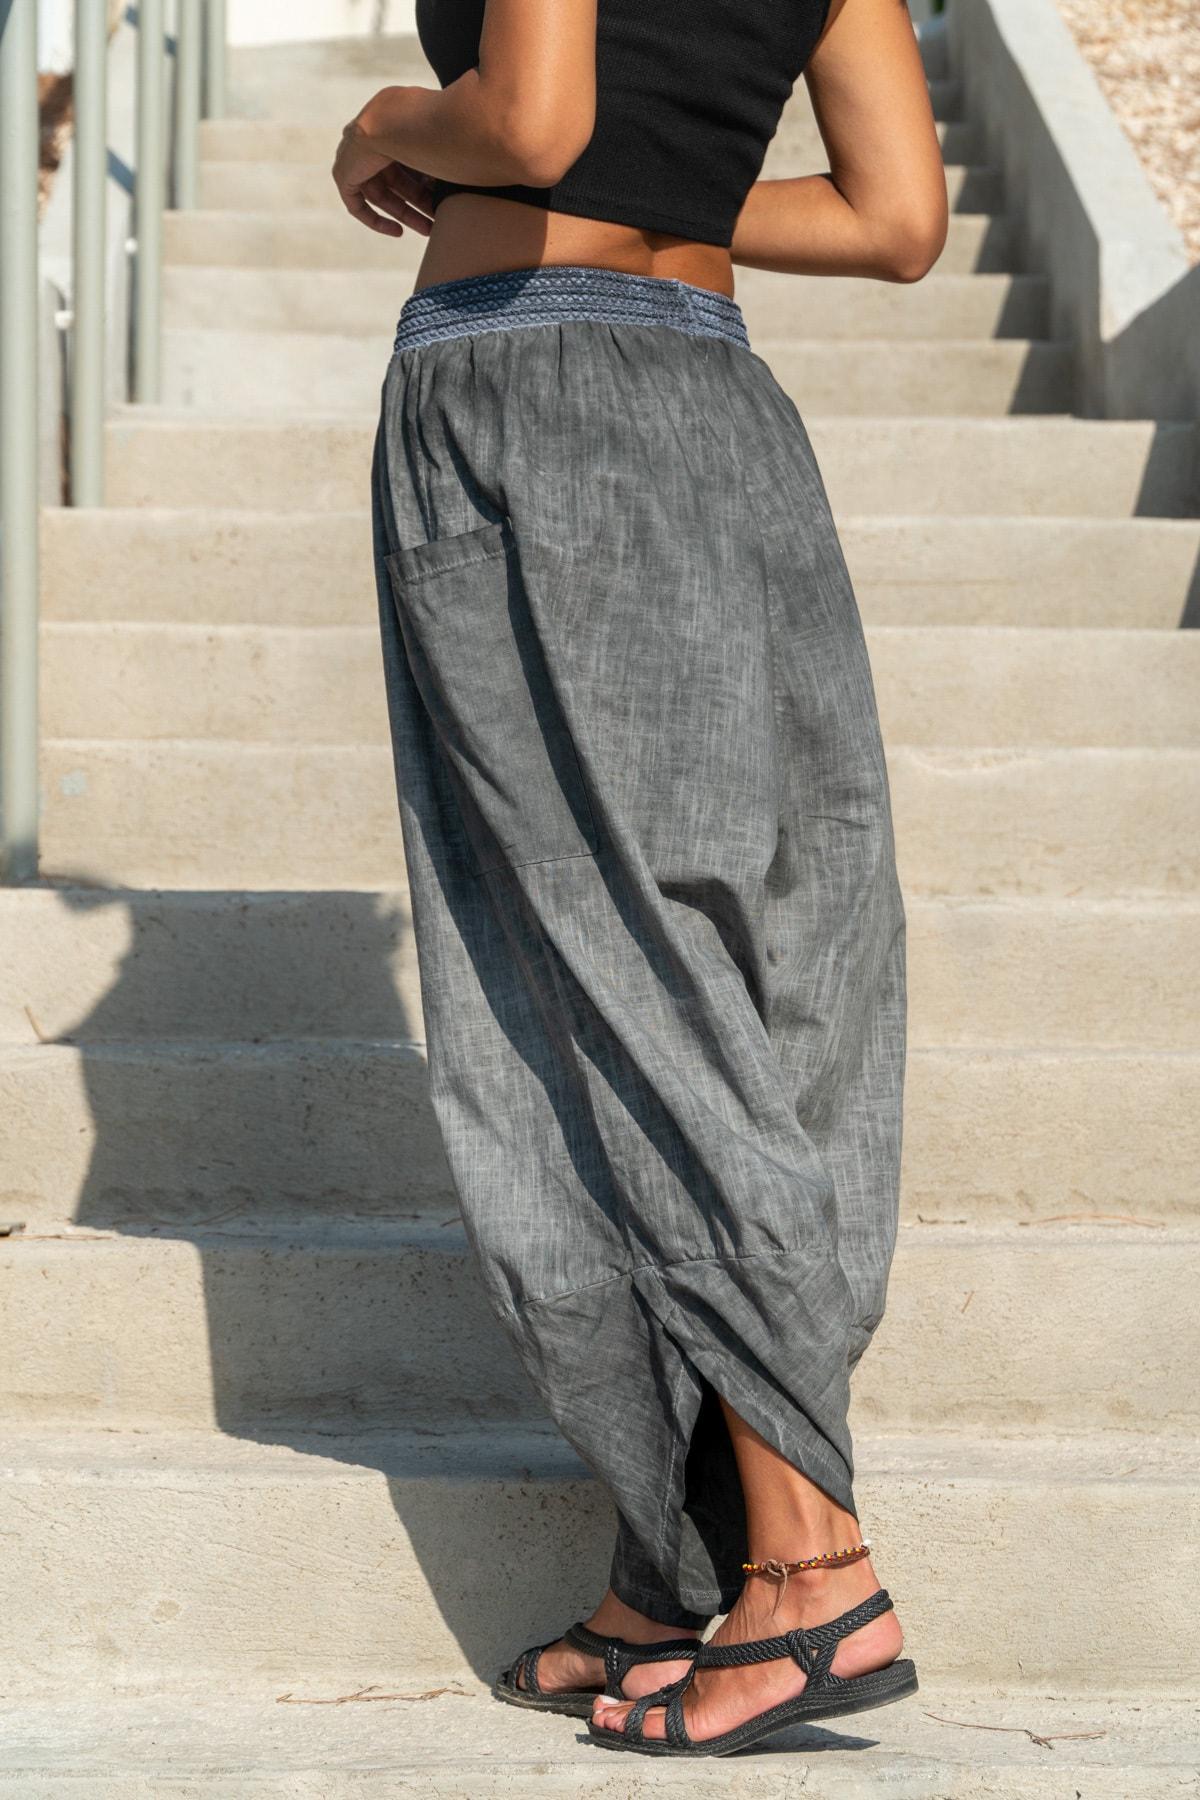 Güneşkızı Kadın Antrasit Yıkamalı Keten Cepli Beli Lastikli Şalvar Pantolon GK-CCK58048 1